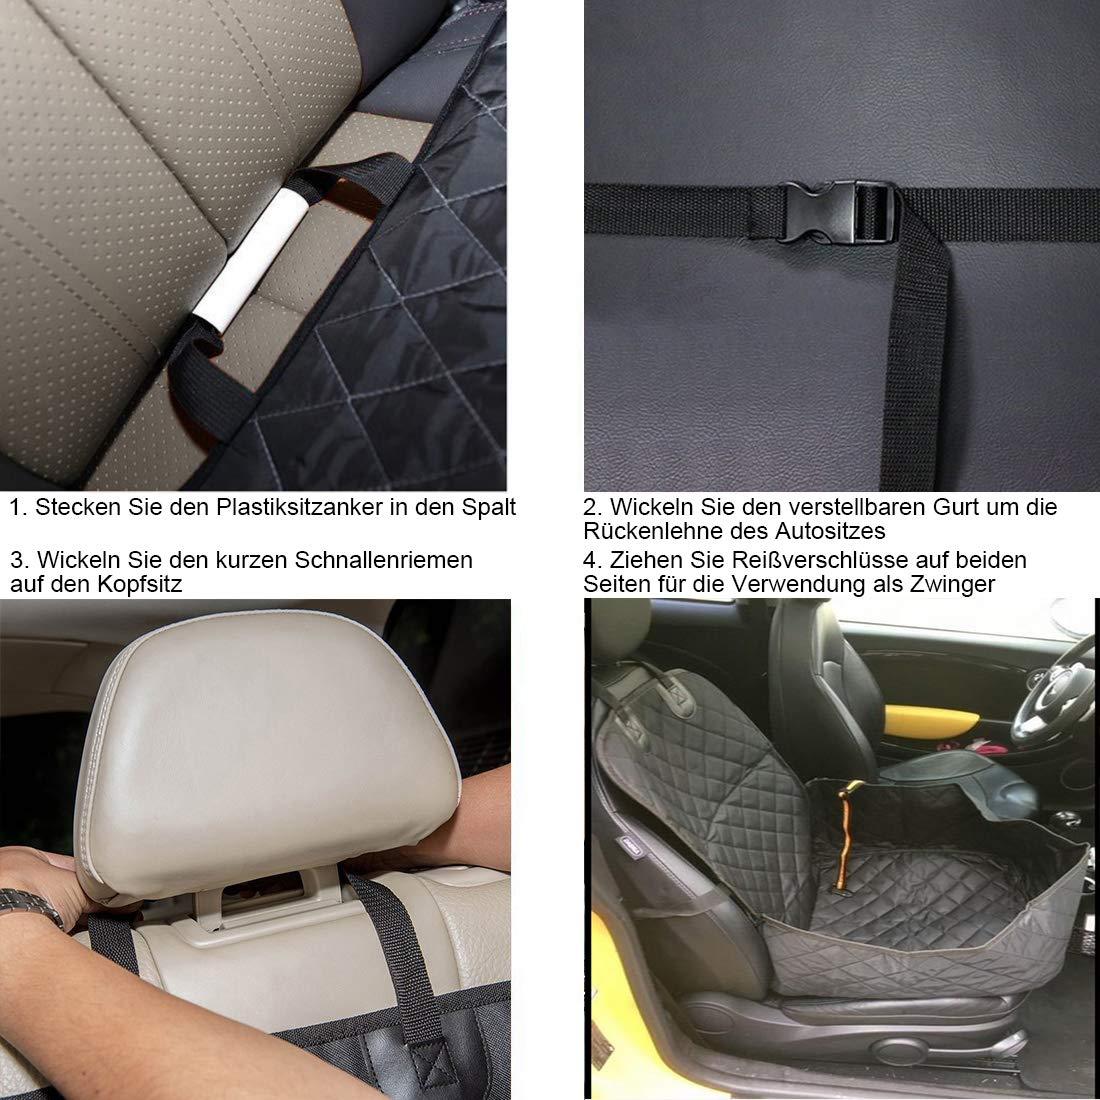 Petsense coprisedile singolo protezione per sedili auto per animali domestici coprisedili auto robusti e universali per animali domestici coprisedile anteriore